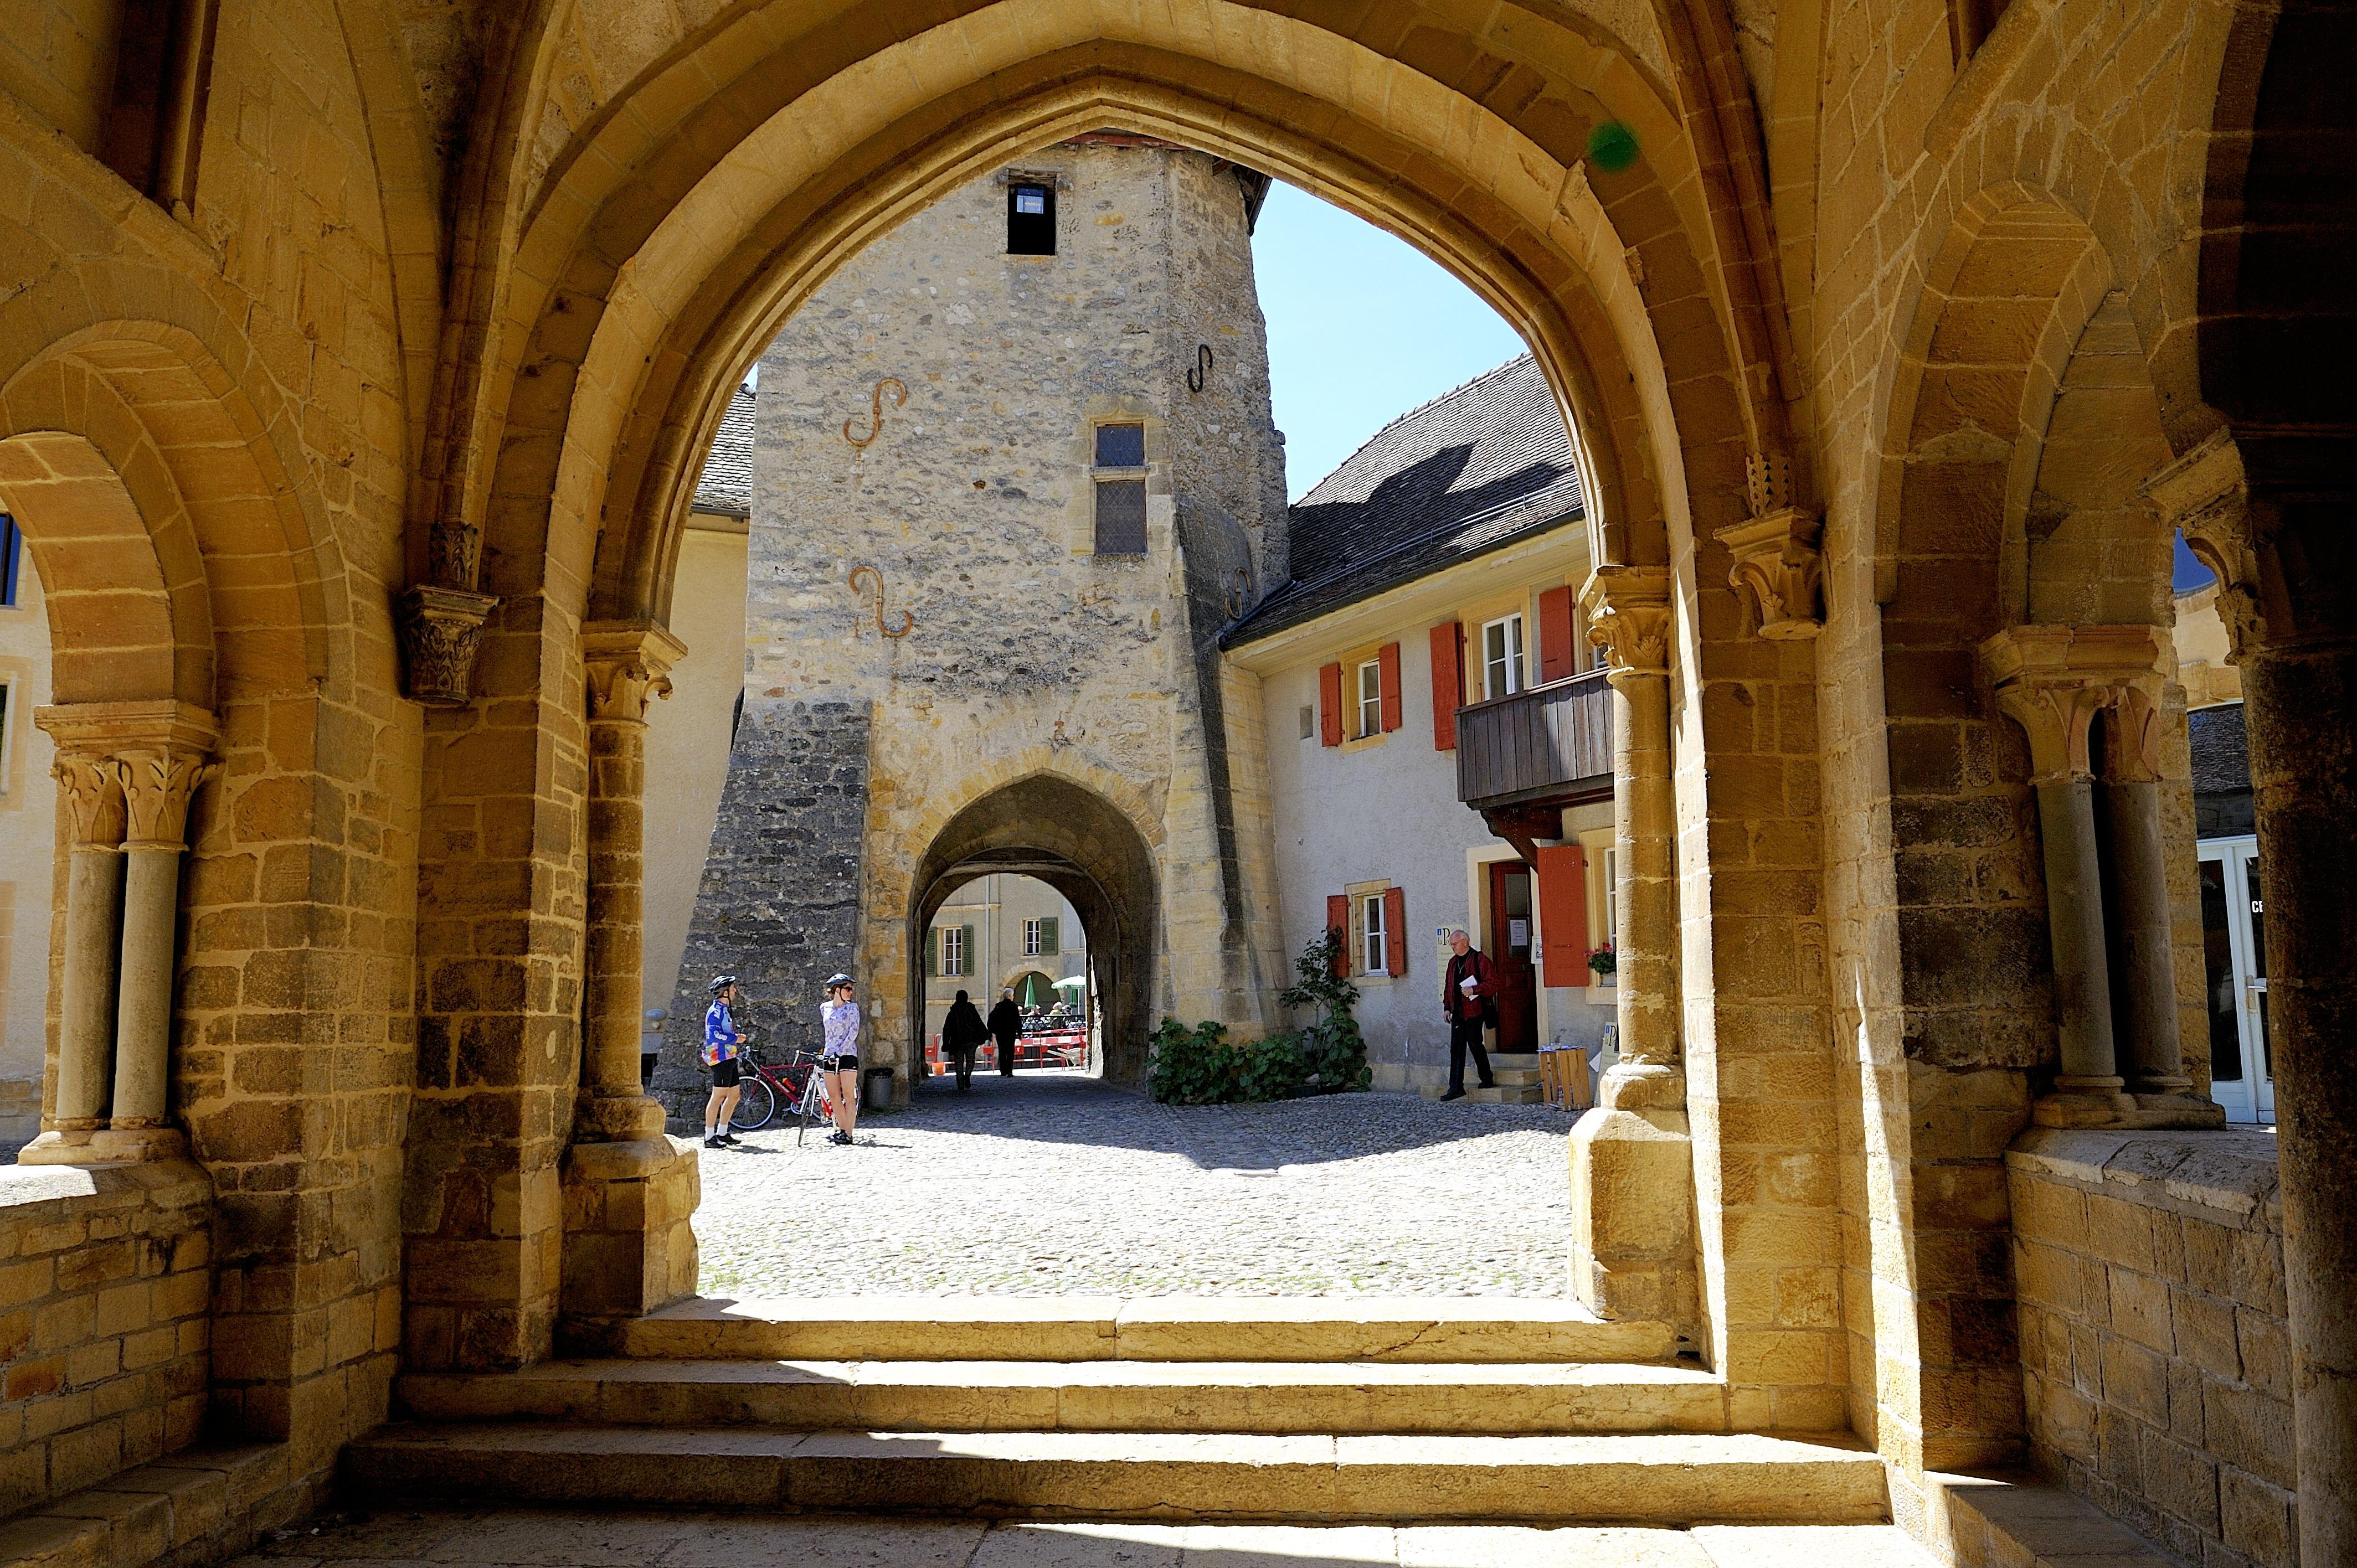 Les plus beaux villages de Suisse romande - Romainmôtier (Vaud)